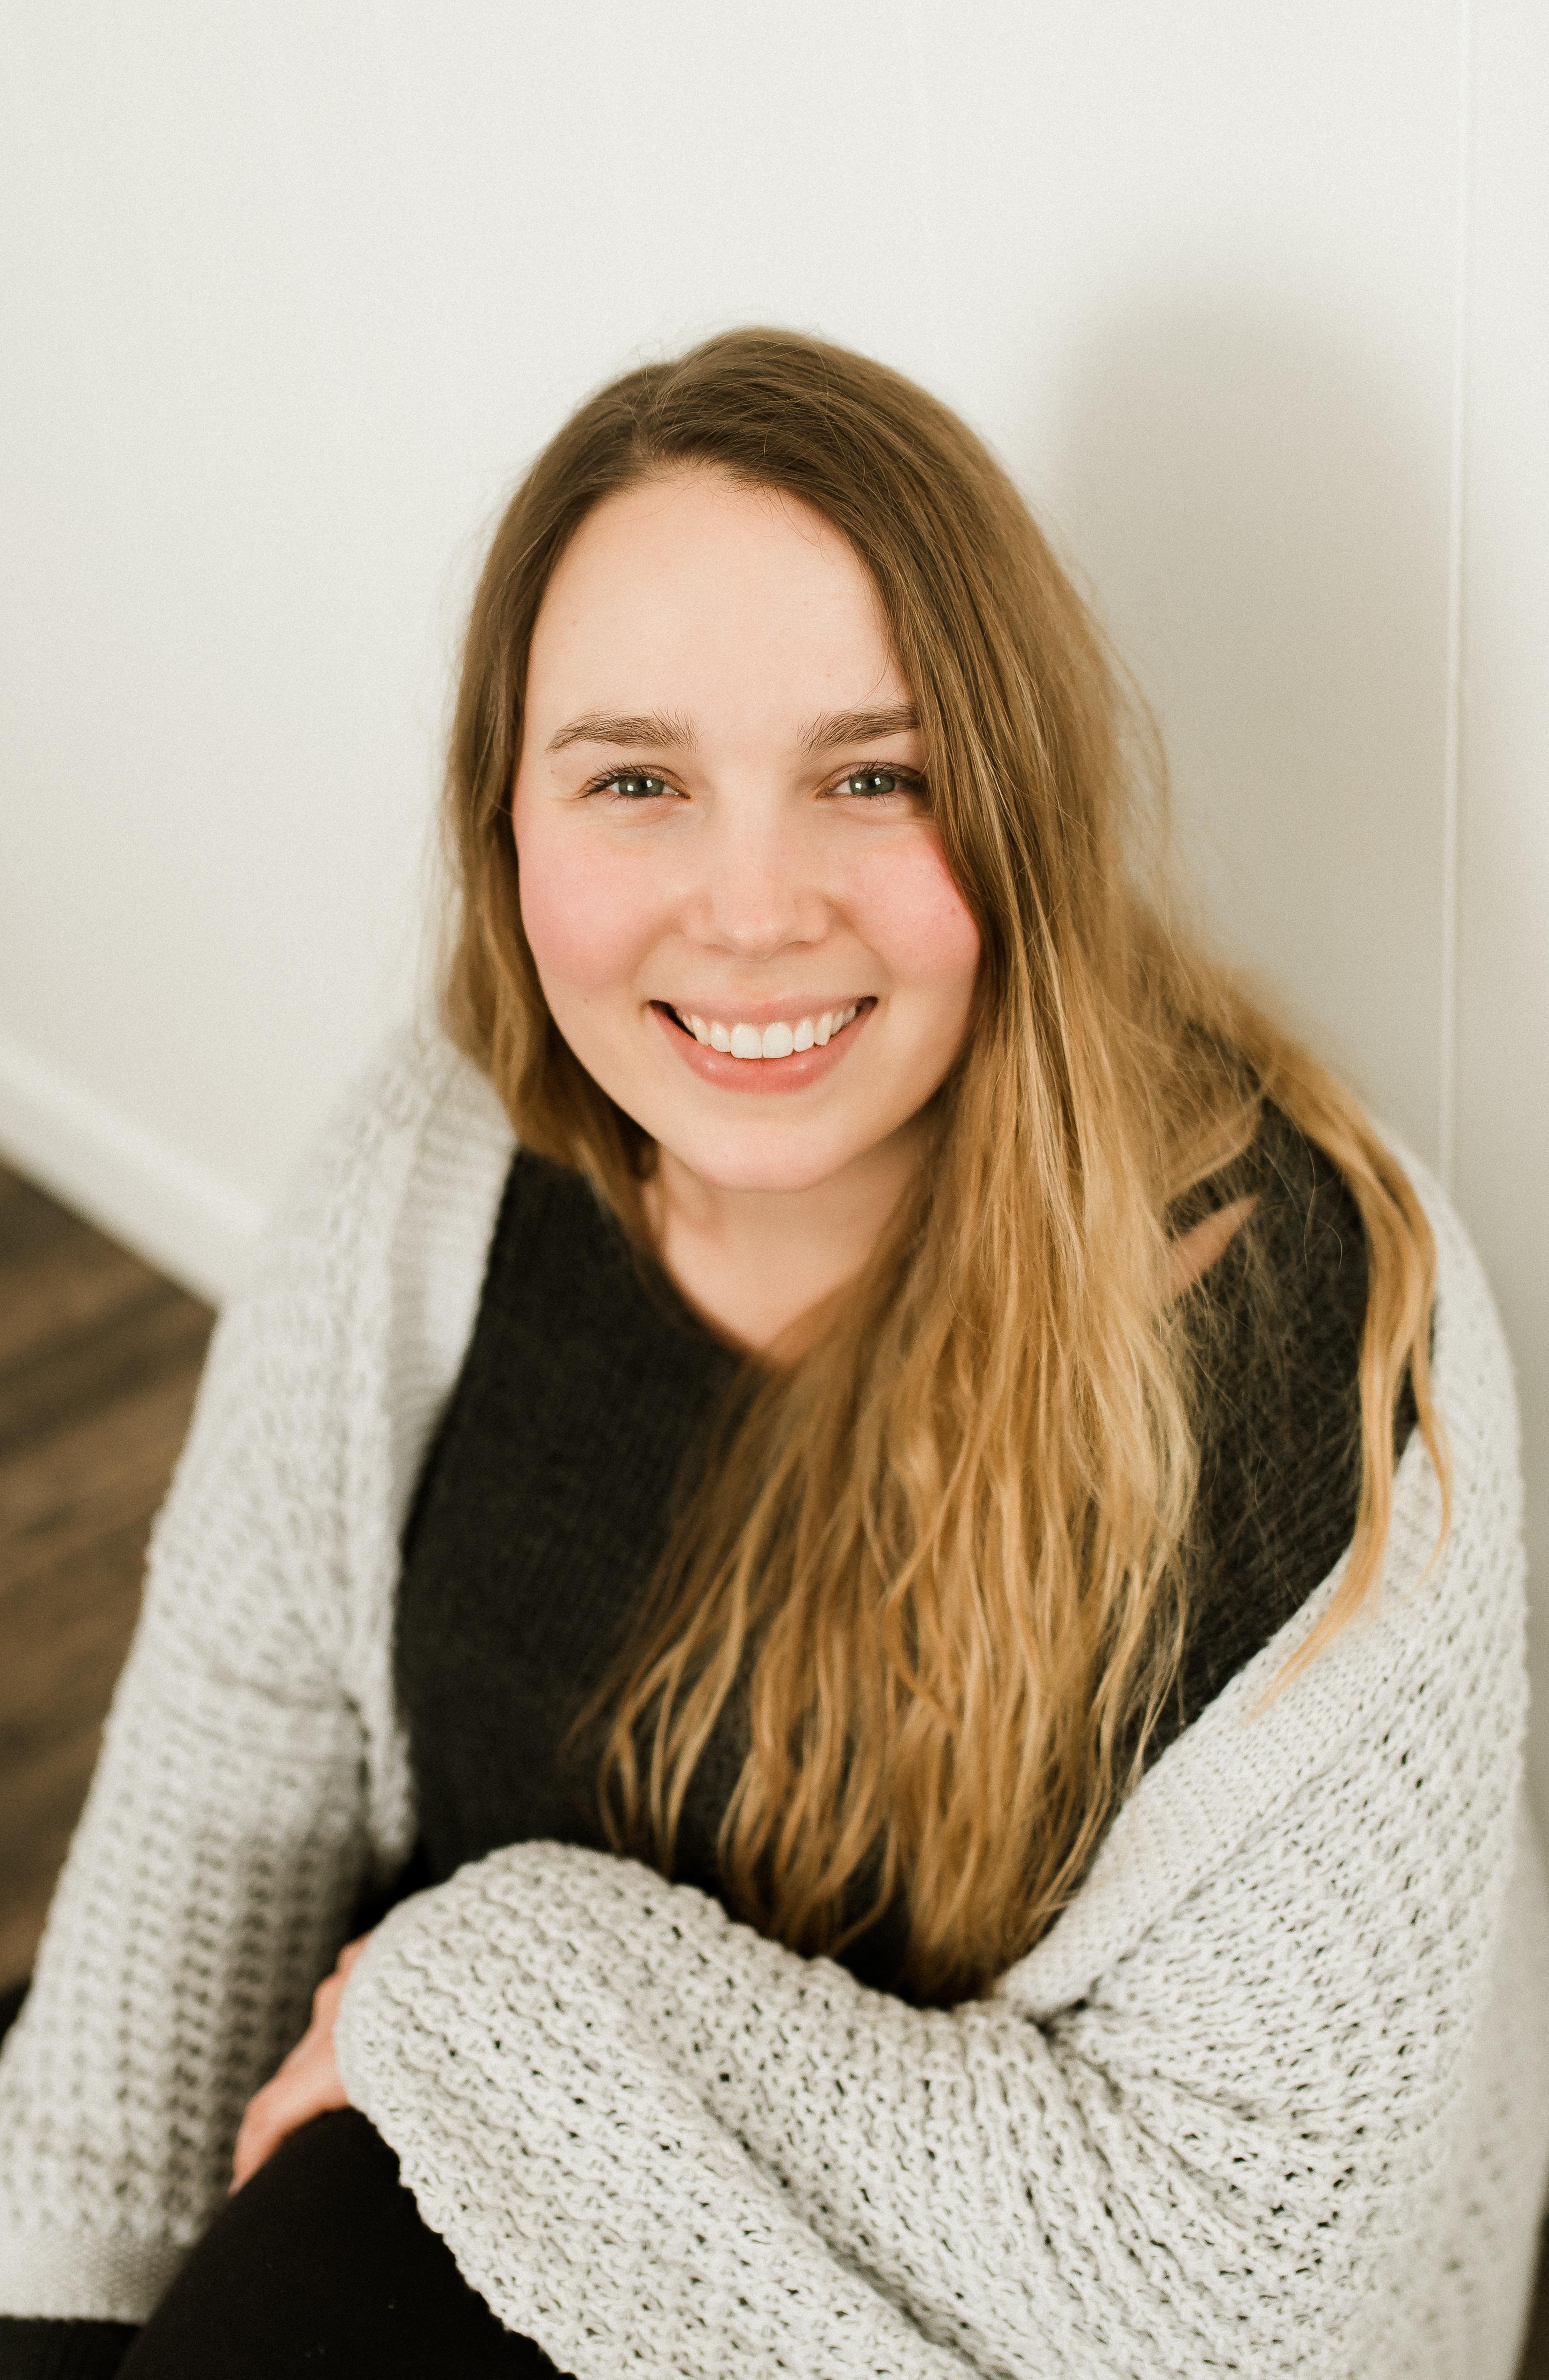 Ashley Kampman